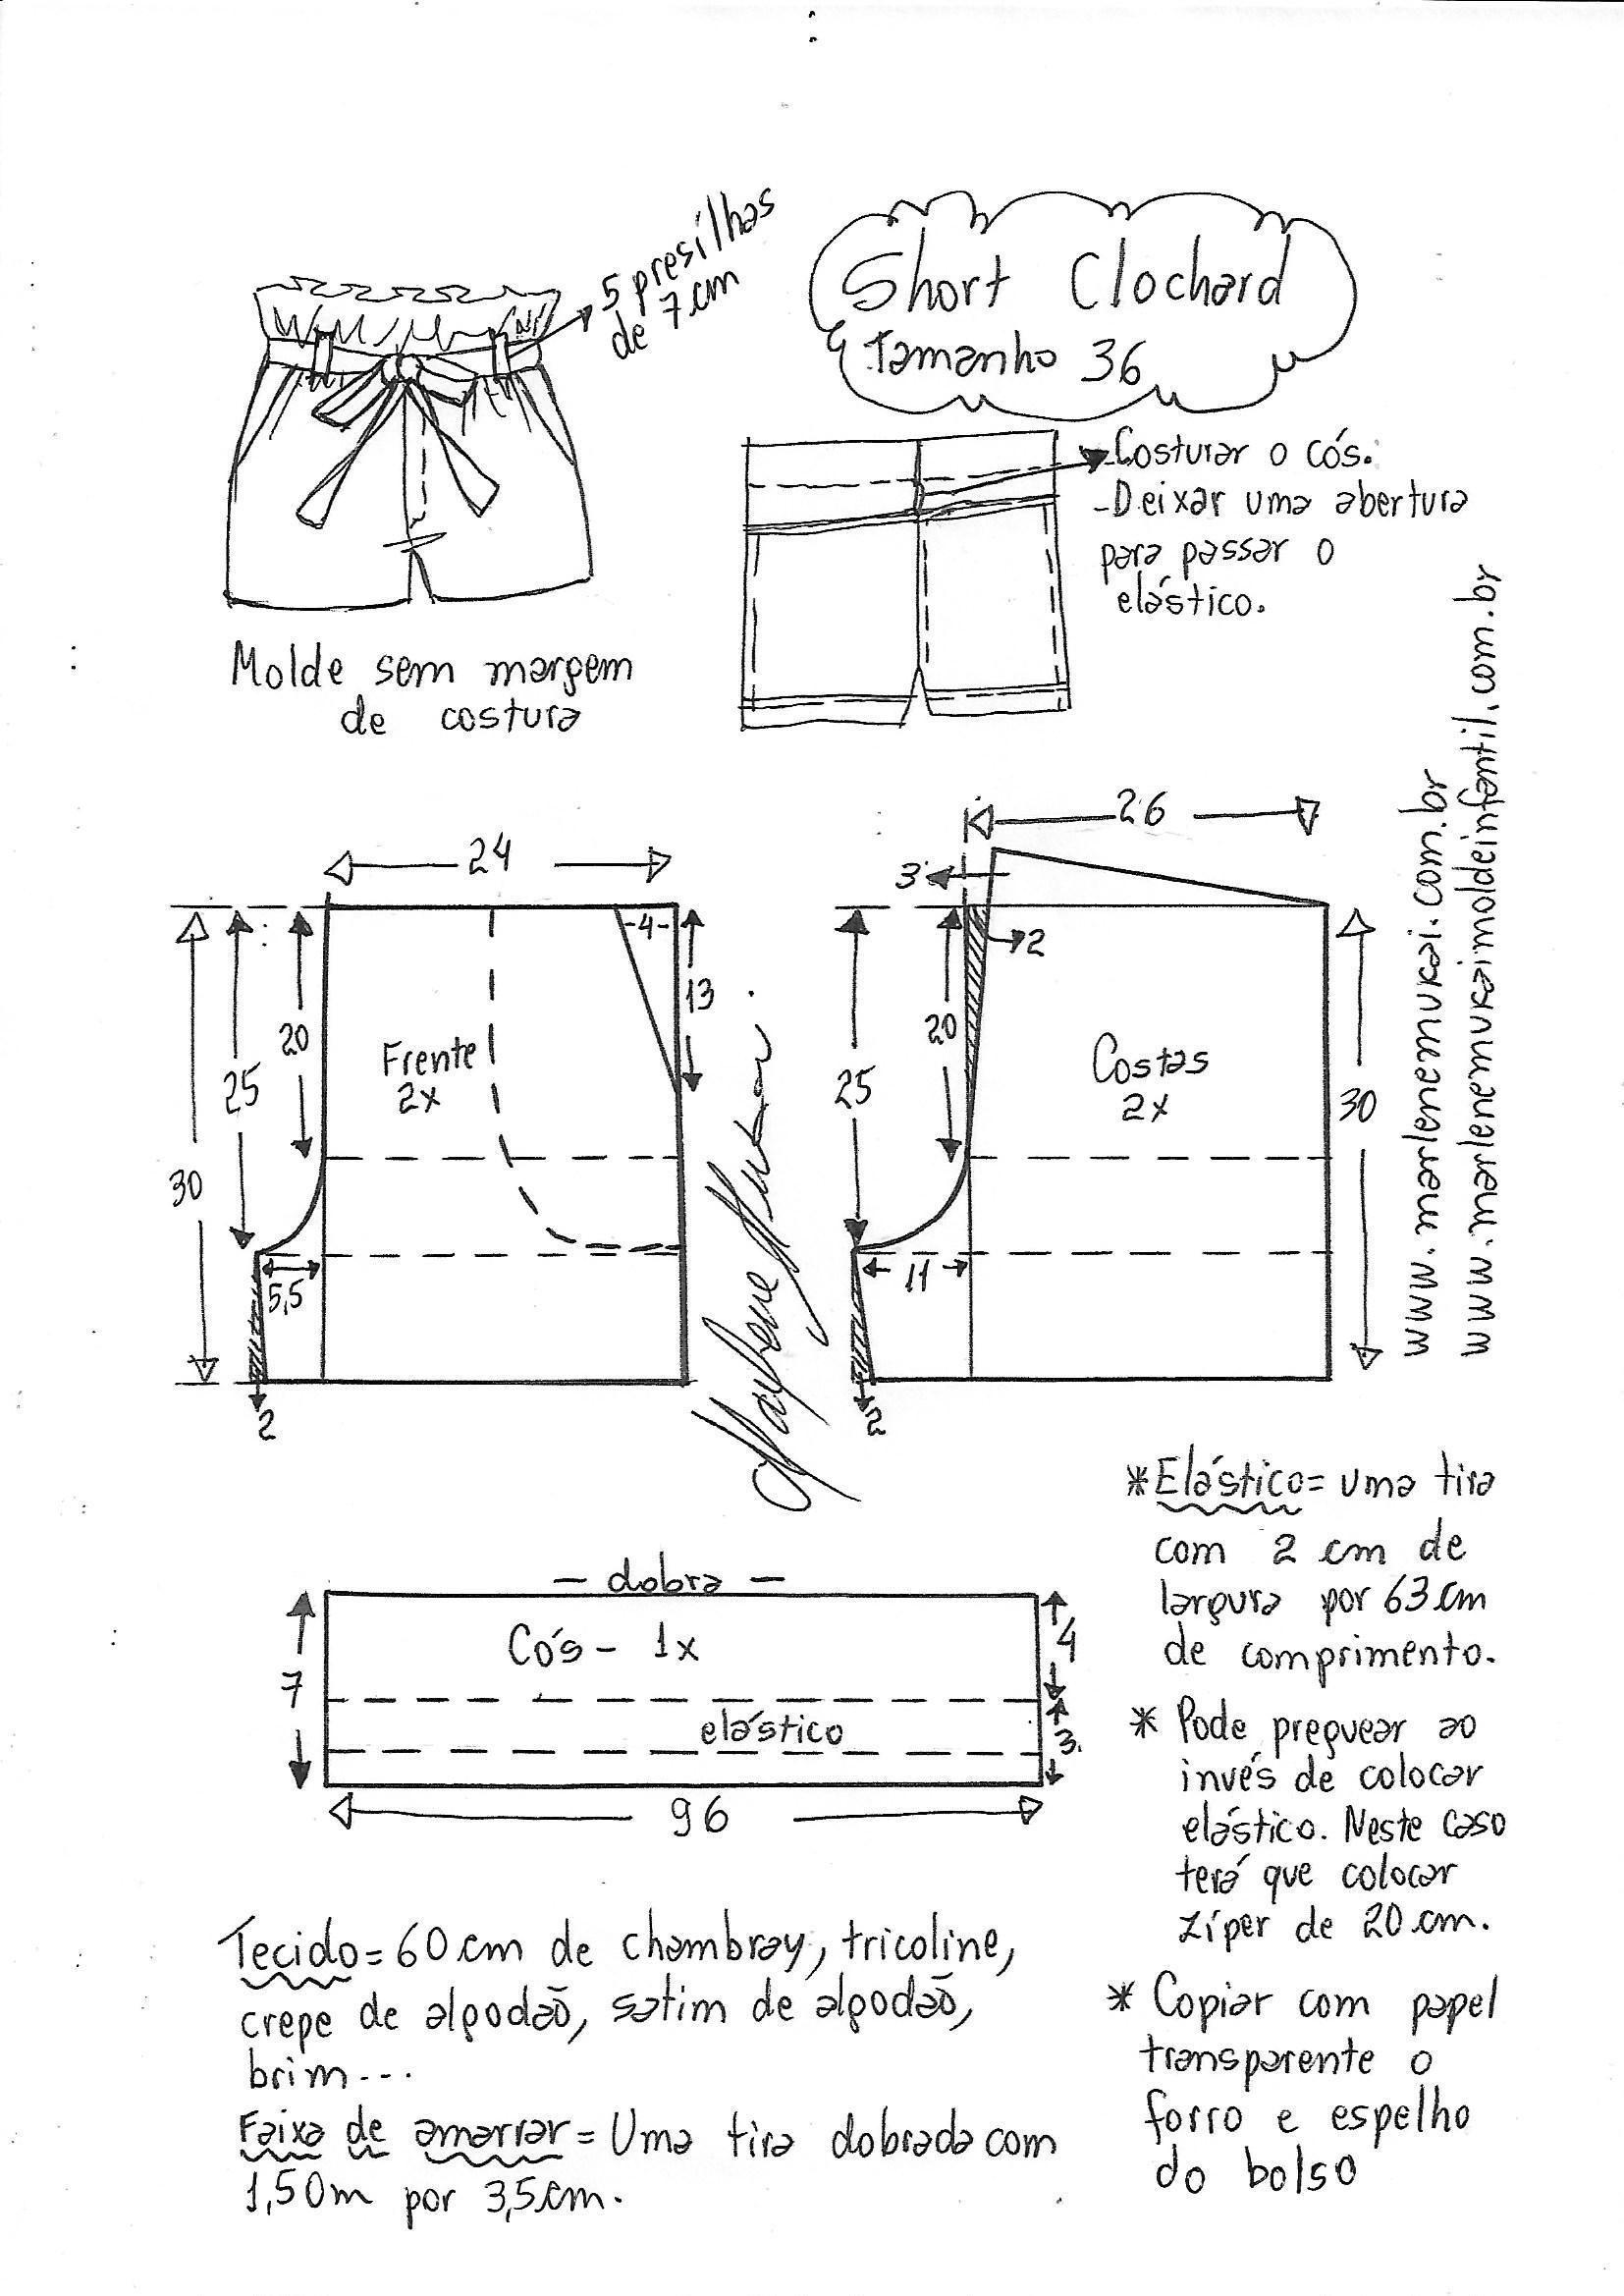 Pin de mayra ponce en Ropa | Costura, Vestido de costura y Patrones ...